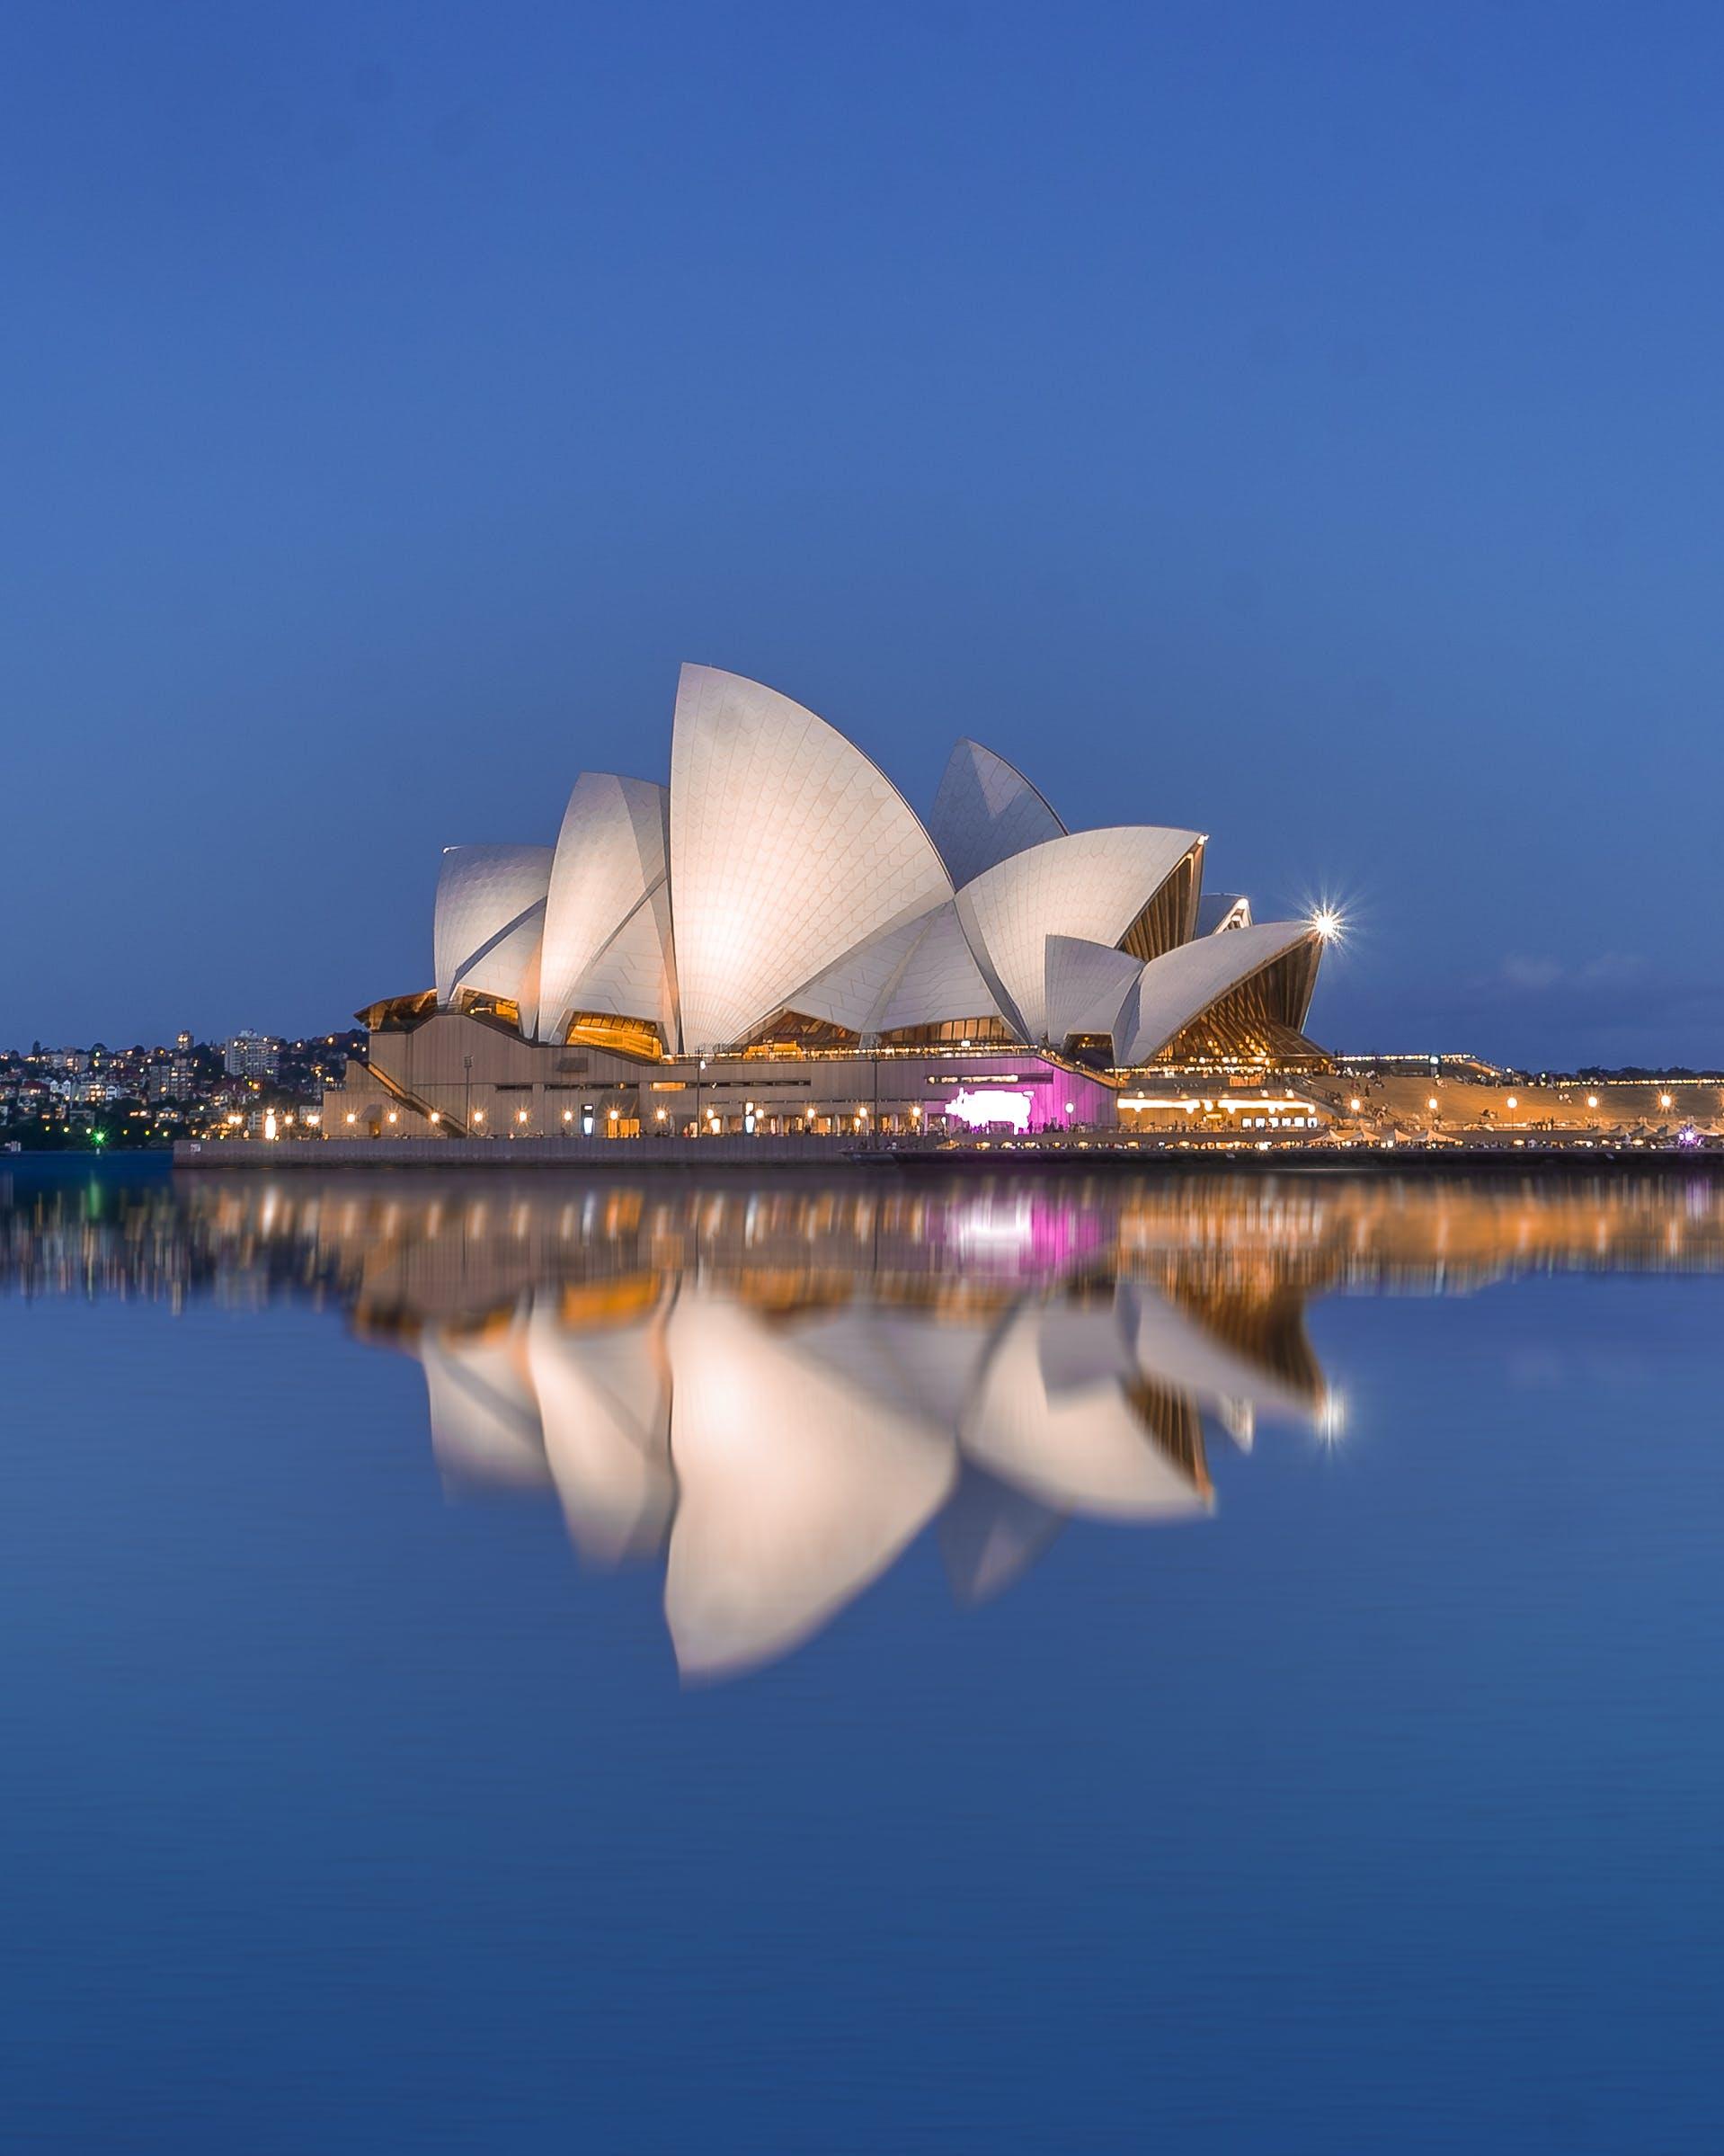 Kostenloses Stock Foto zu australien, innenstadt, opernhaus, opernhaus in sydney